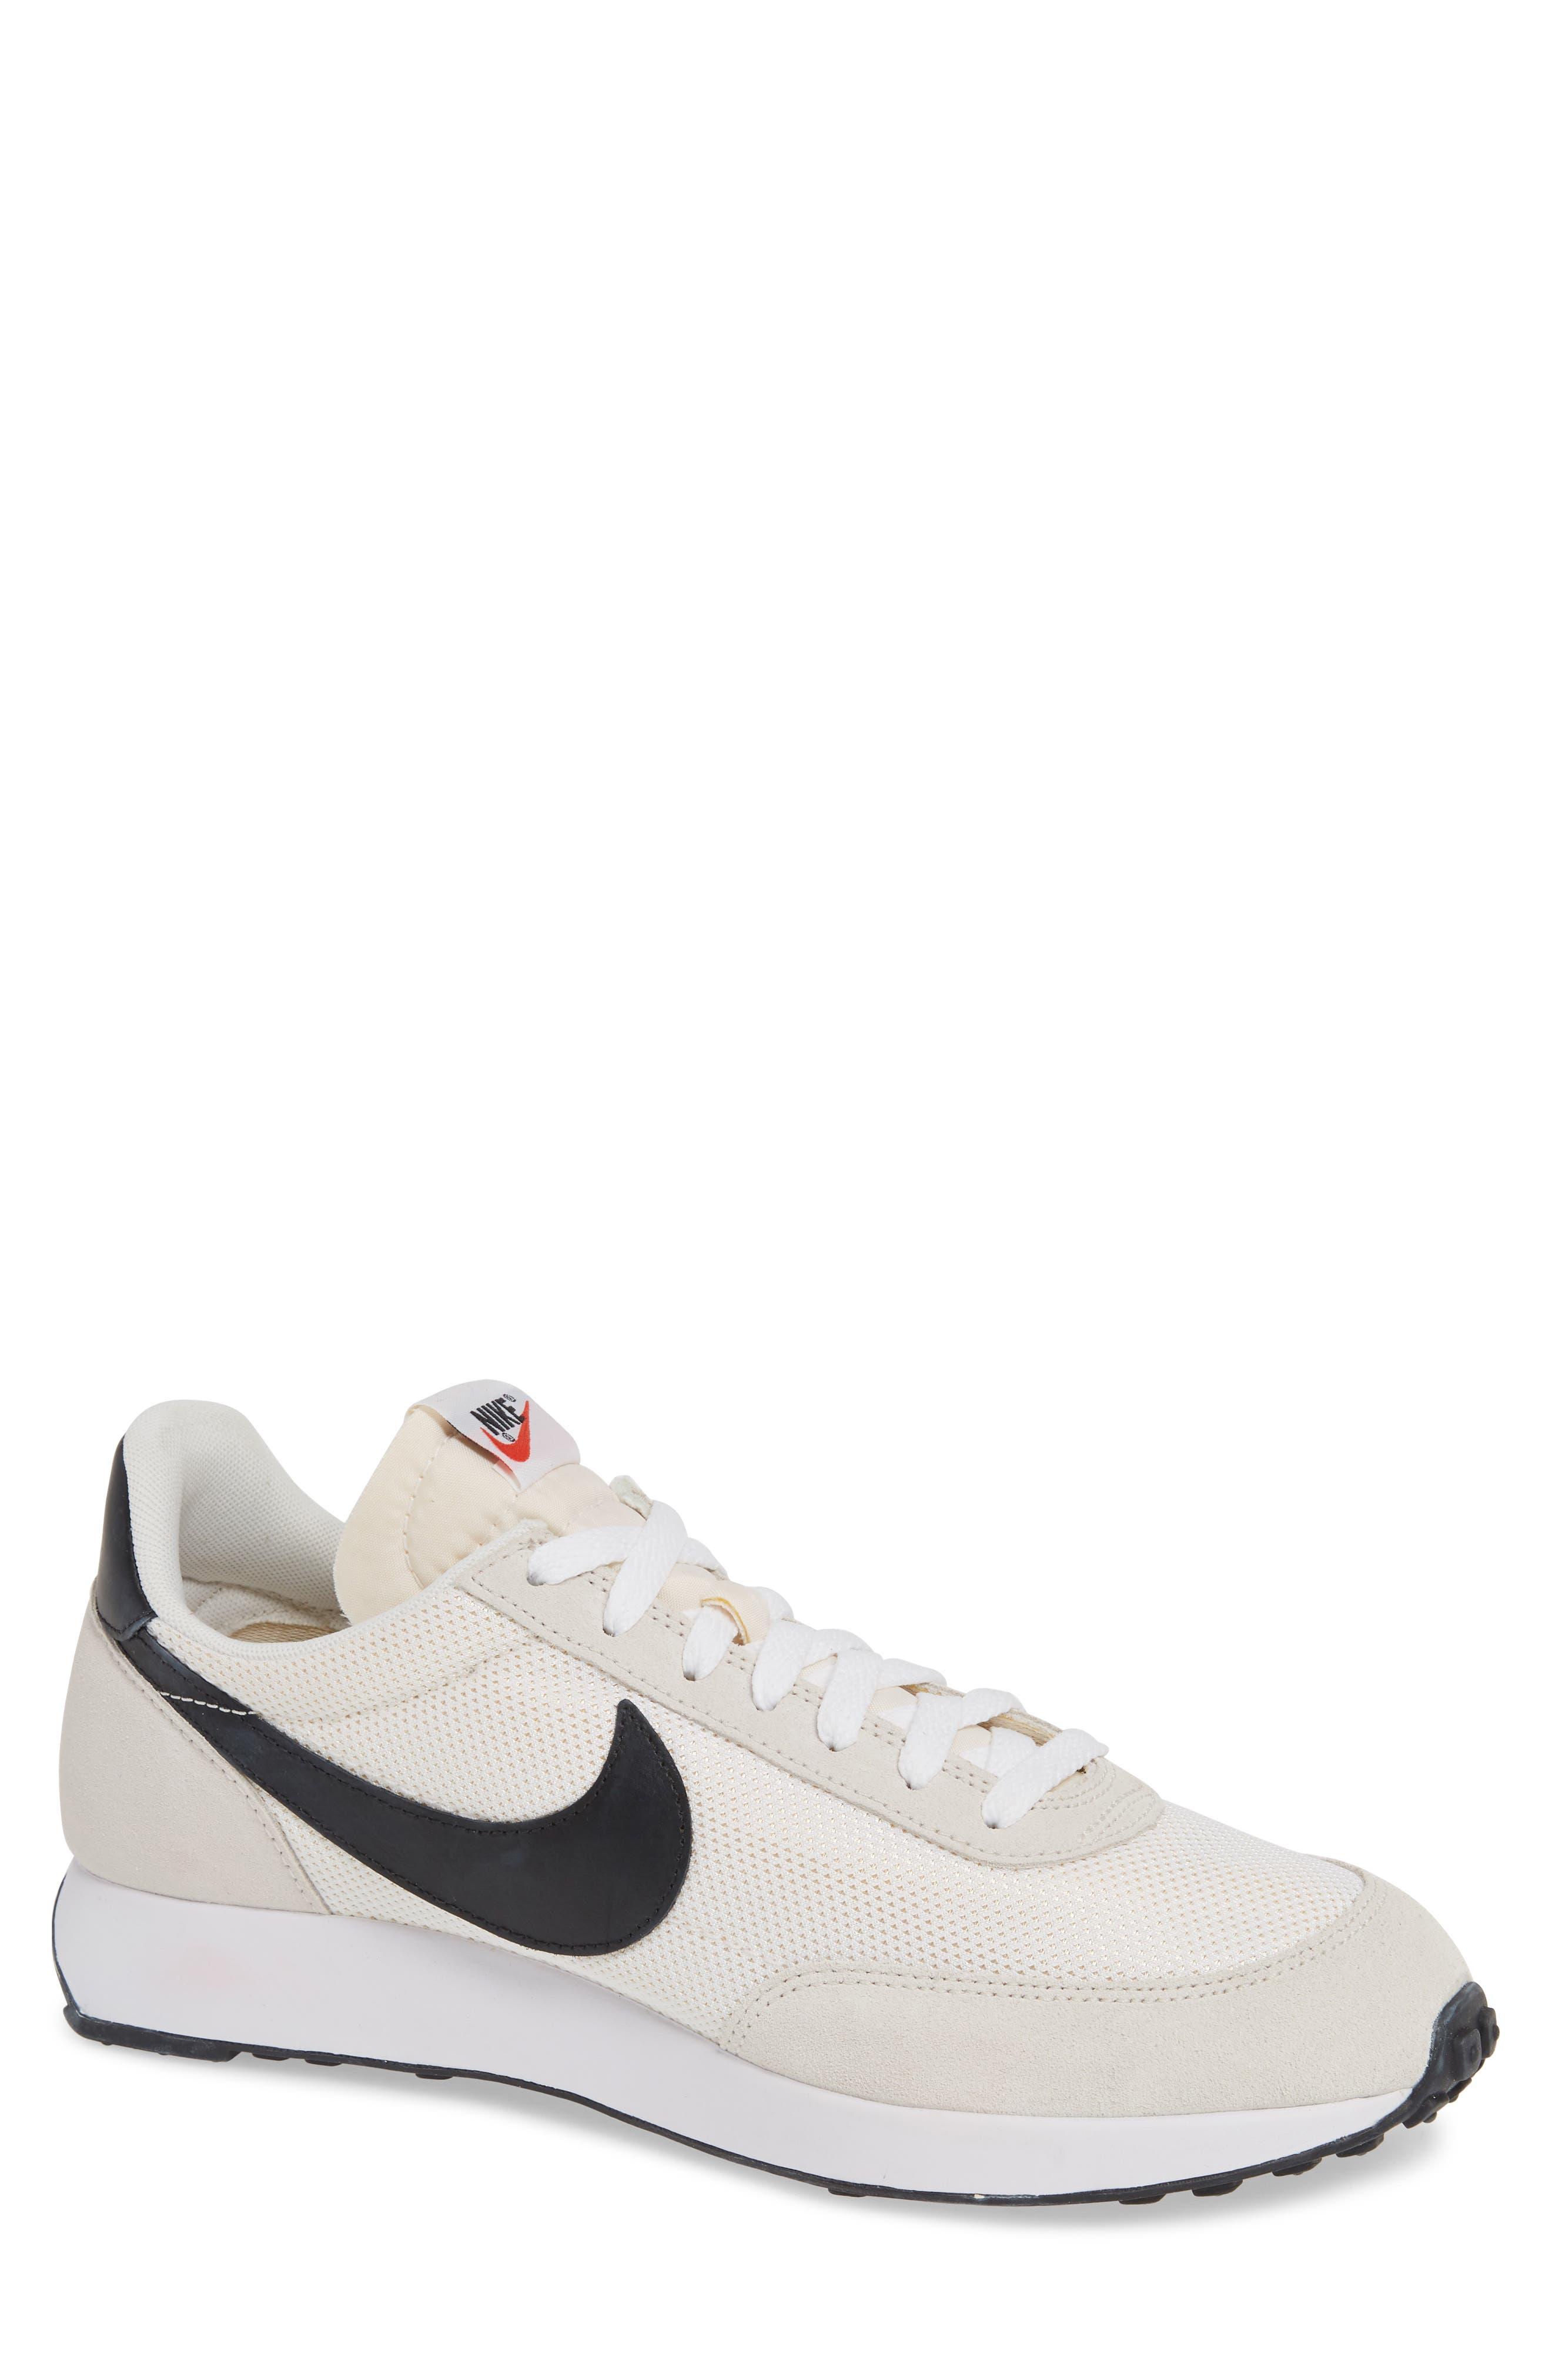 d38891d5ff Men s Nike Shoes